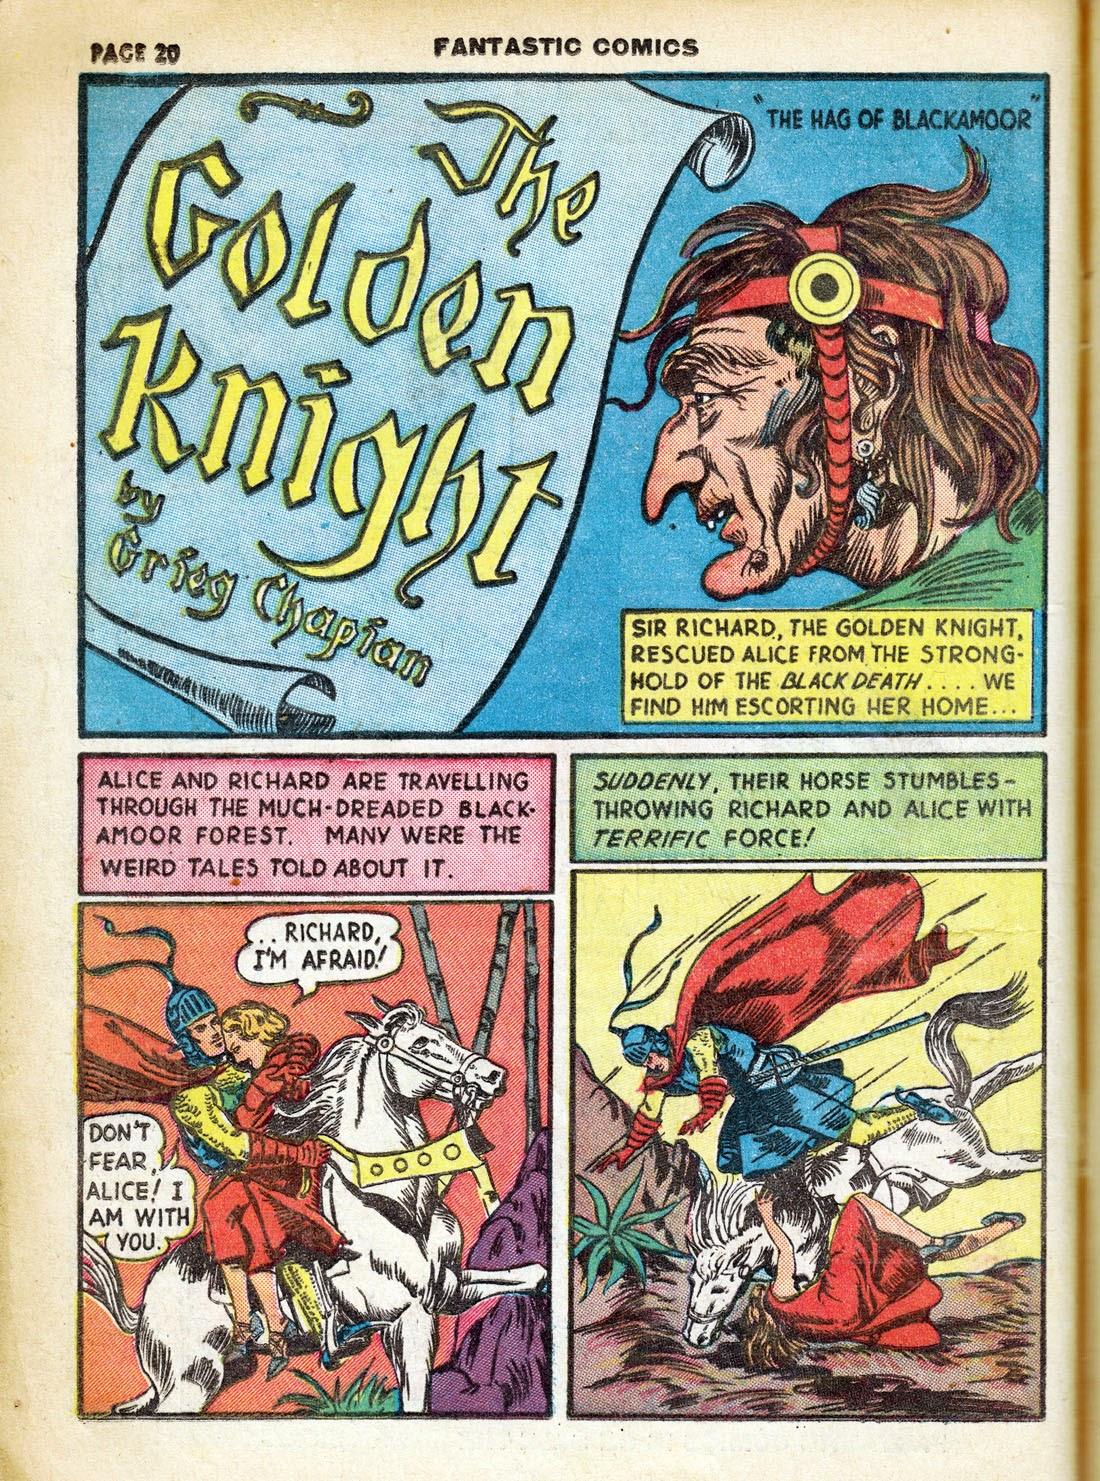 Read online Fantastic Comics comic -  Issue #7 - 22